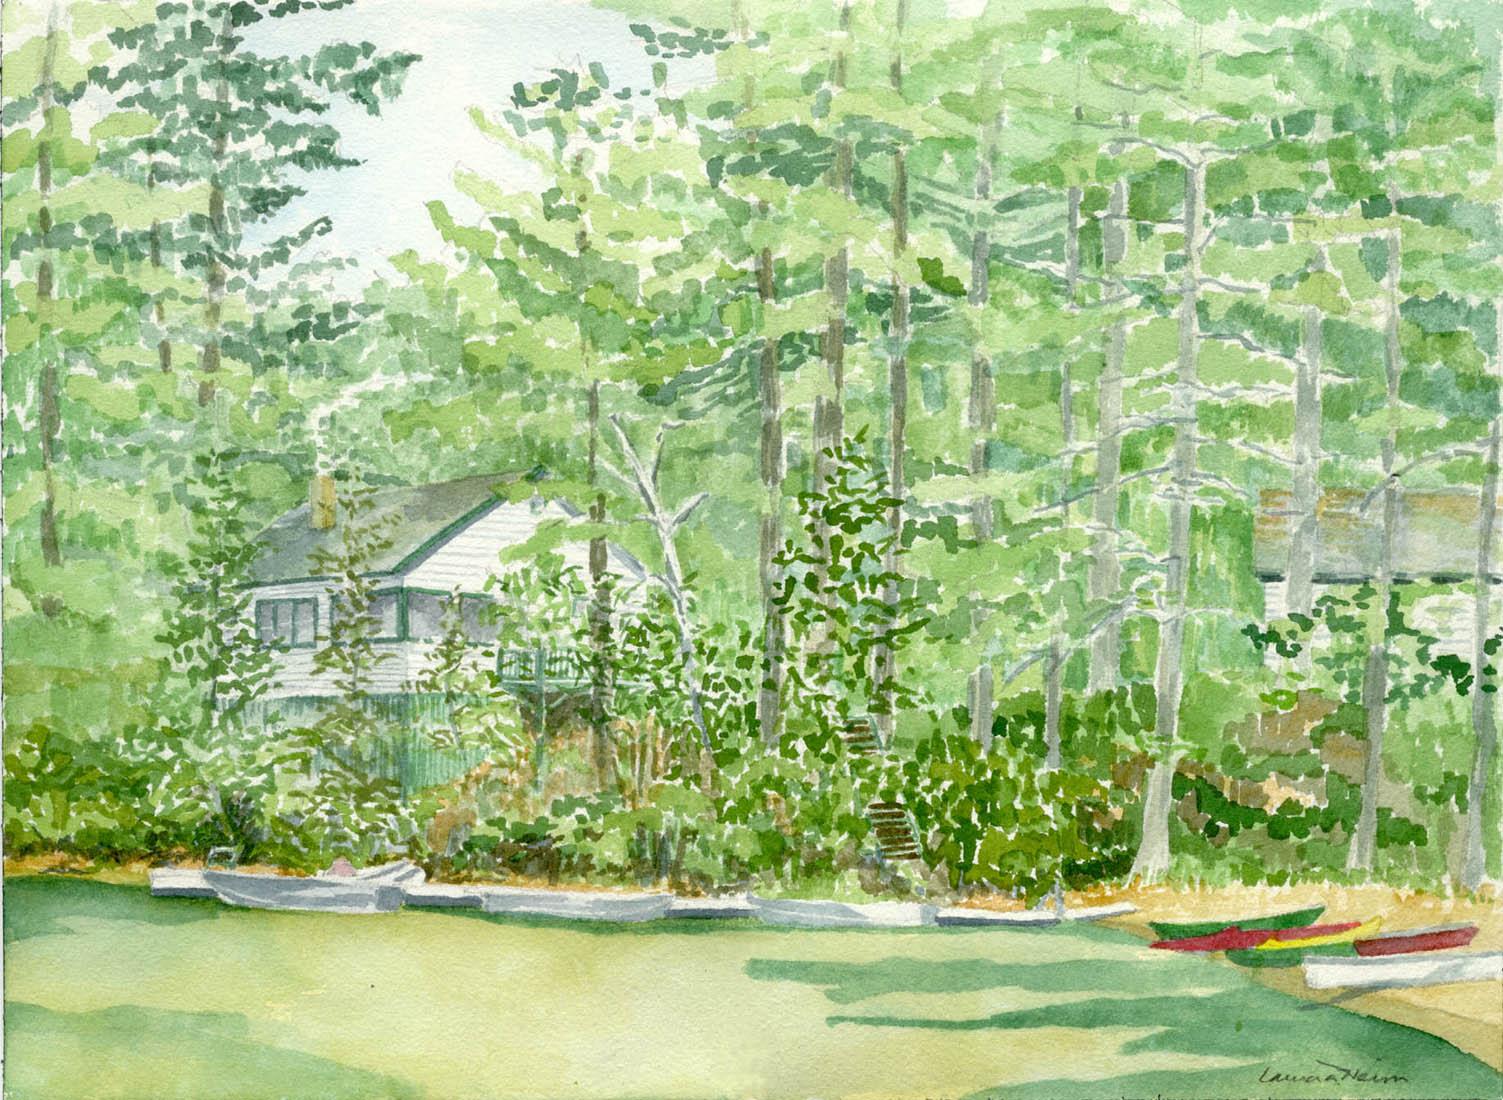 Plummerville Cabins 2006 - Laura Heim